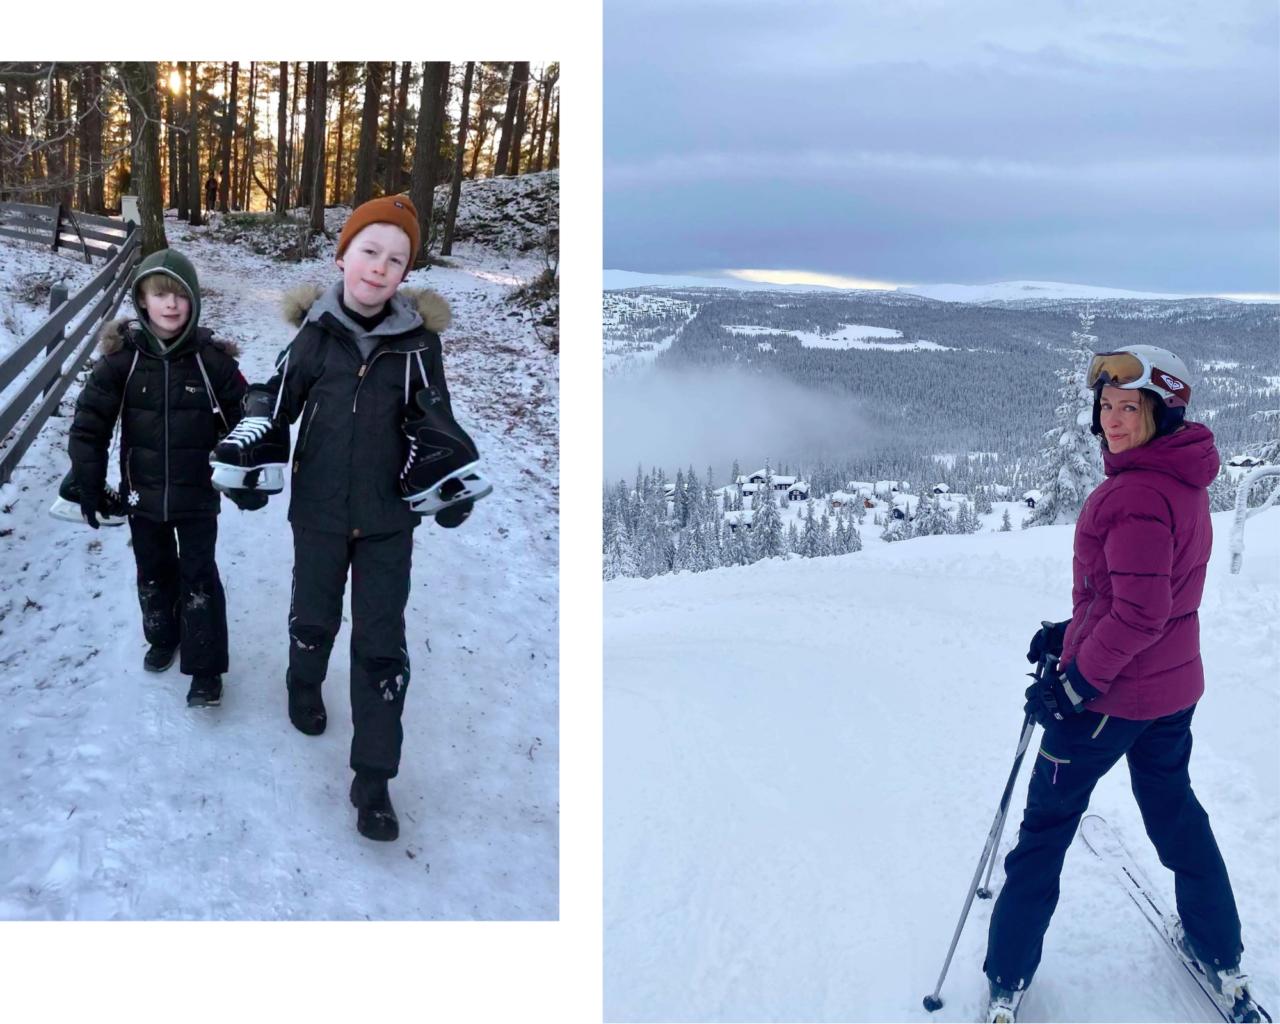 alpinski-kvitfjell-skoyter-gutter-anja-stang